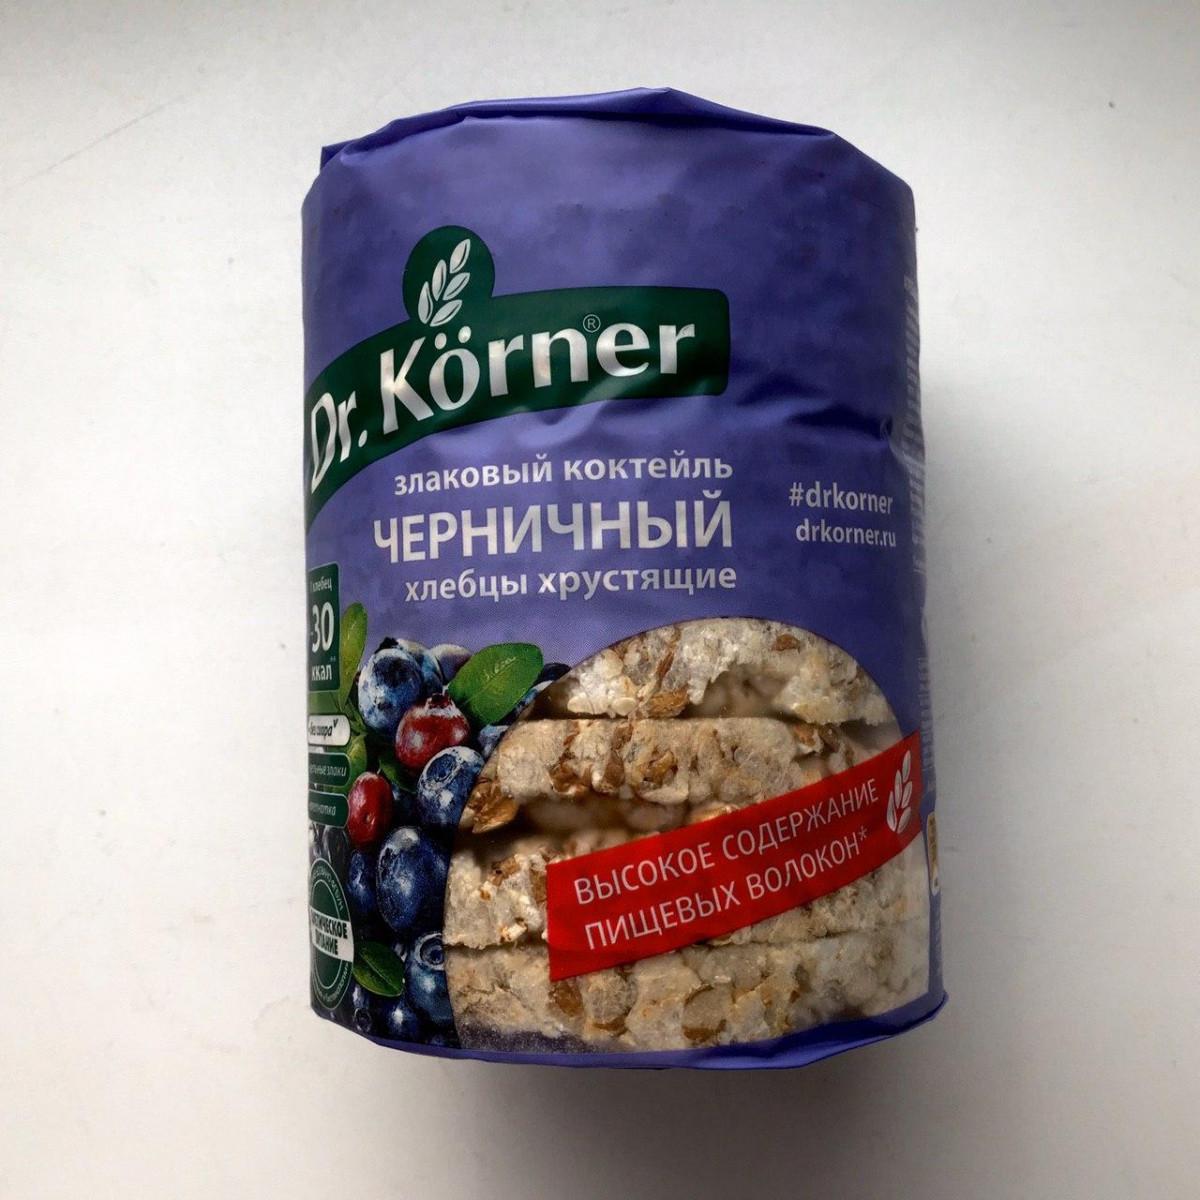 Хлебцы хрустящие злаковый коктейль черничный, 100 г.